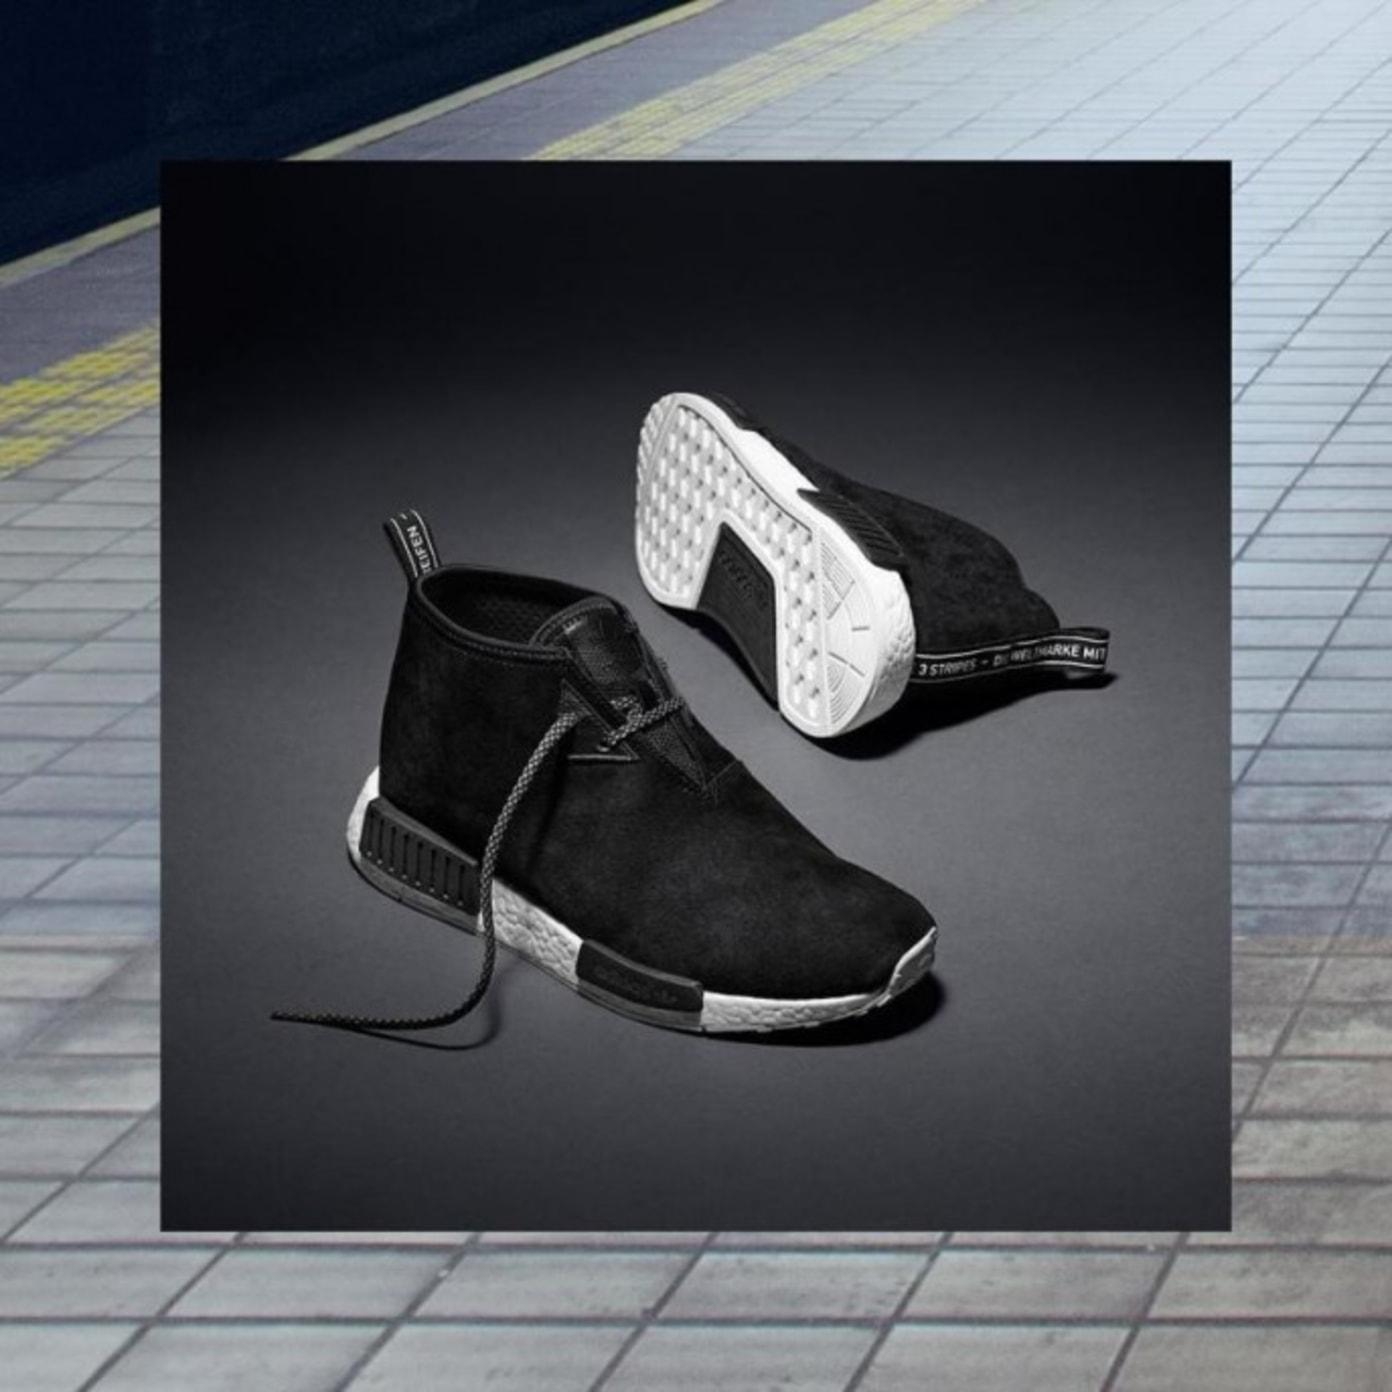 Adidas NMD Chukka Drops 17th March